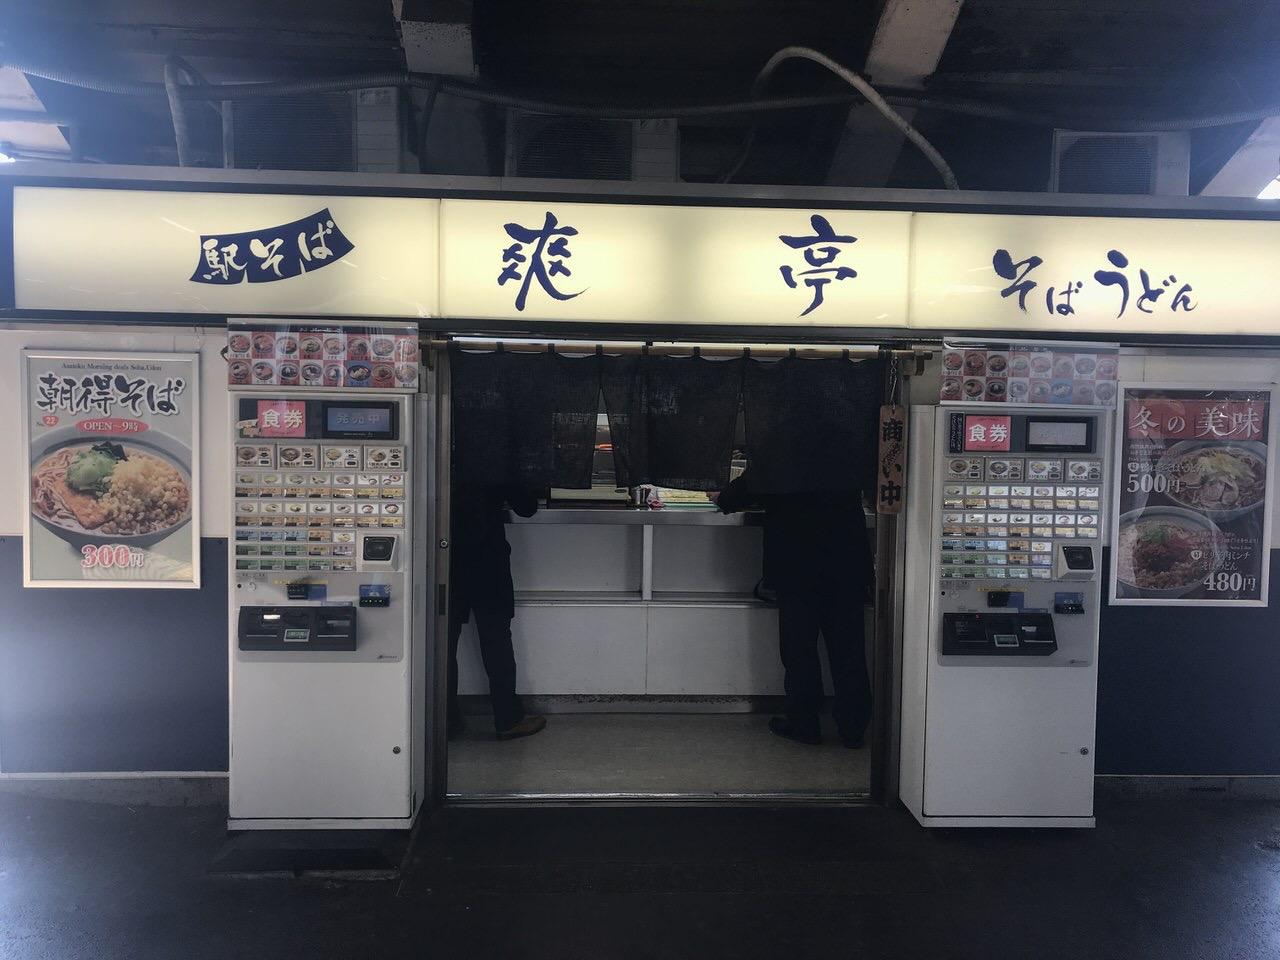 上野駅 爽亭